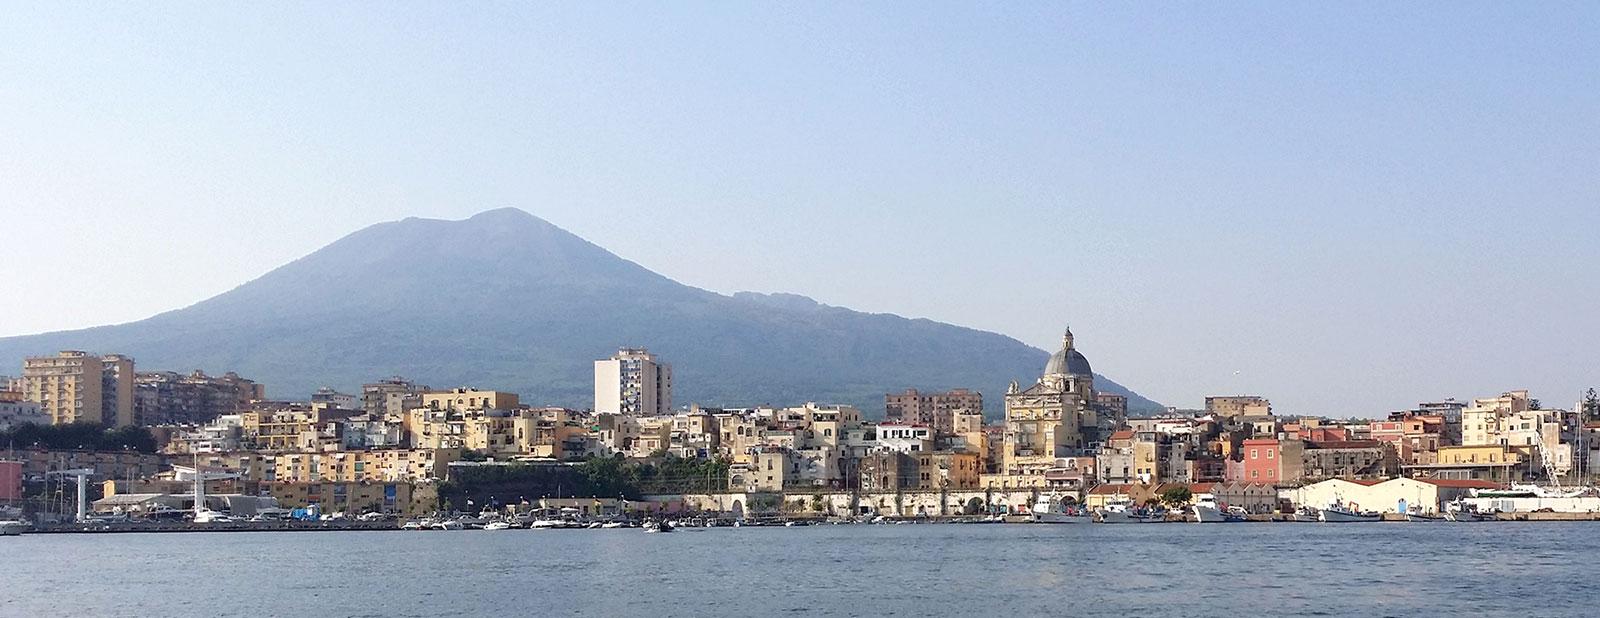 Torre Annunziata - Panorama